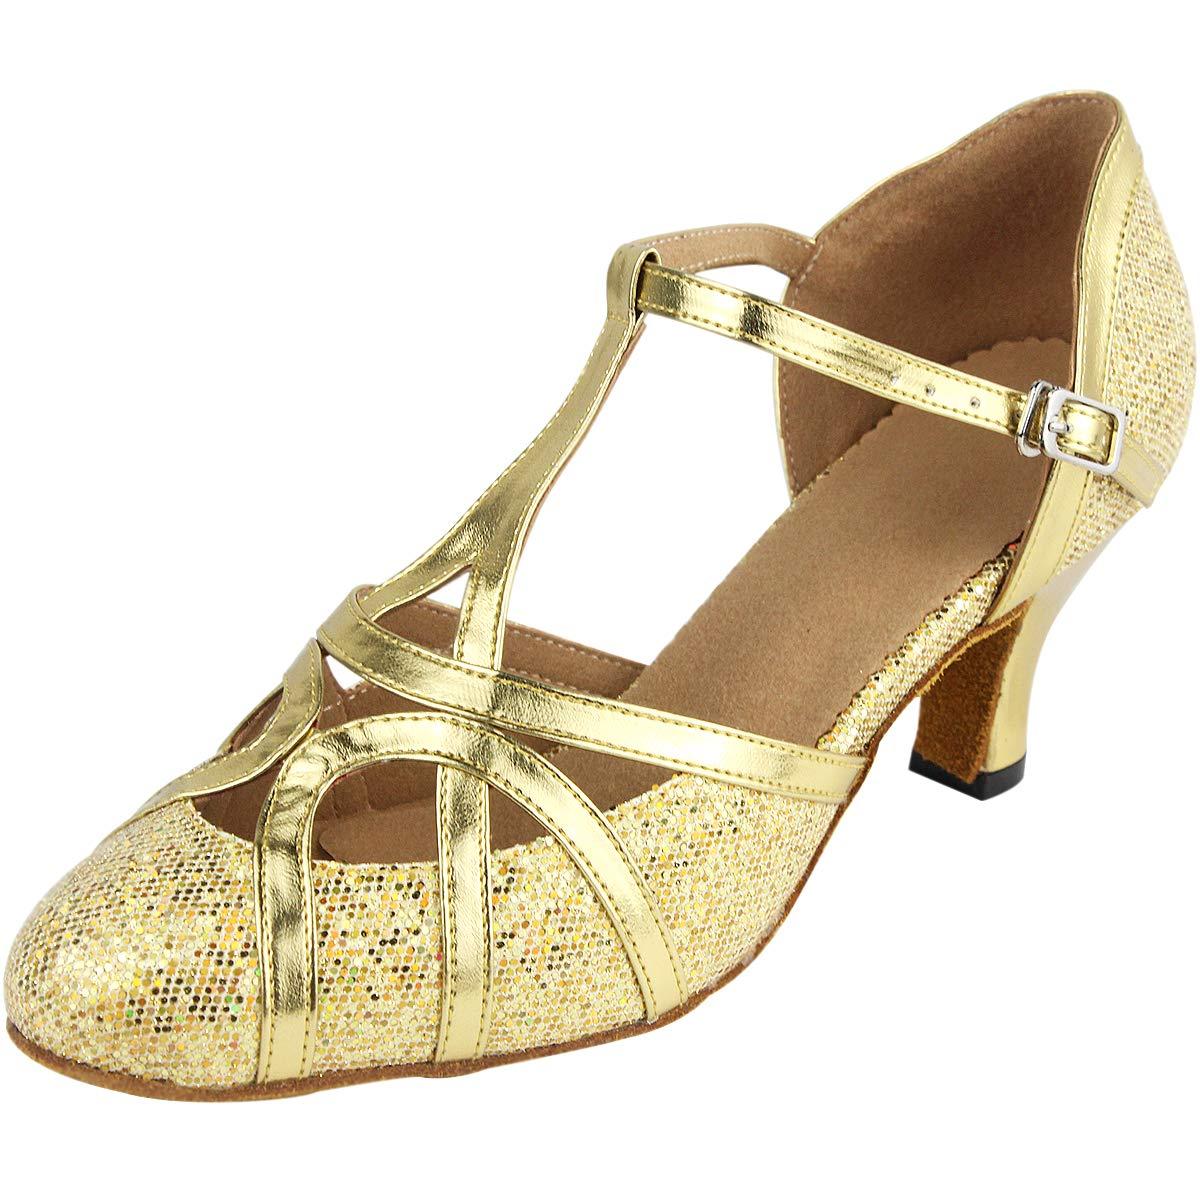 wealsex Chaussures de Danse Salon Latine Ethniques Jazz Cha-cha-chá Bout Fermé Talons Moyen Bloc Confort Sandales Salomé Femme Taille 33-43